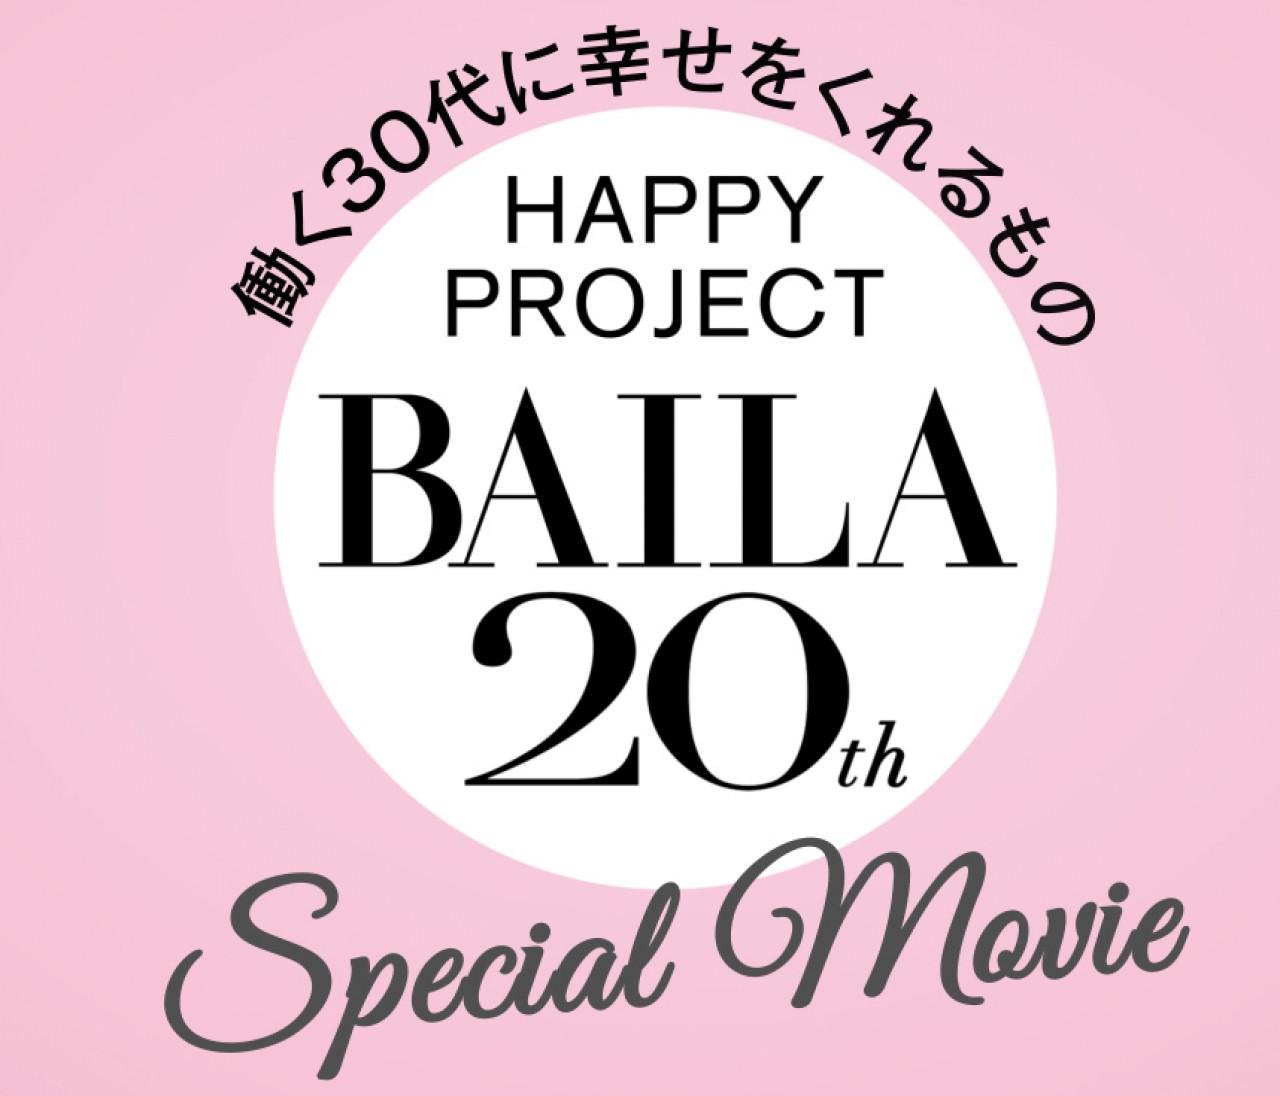 創刊20周年スペシャル! レギュラーモデルズの笑顔がつながるスペシャルムービーを公開!